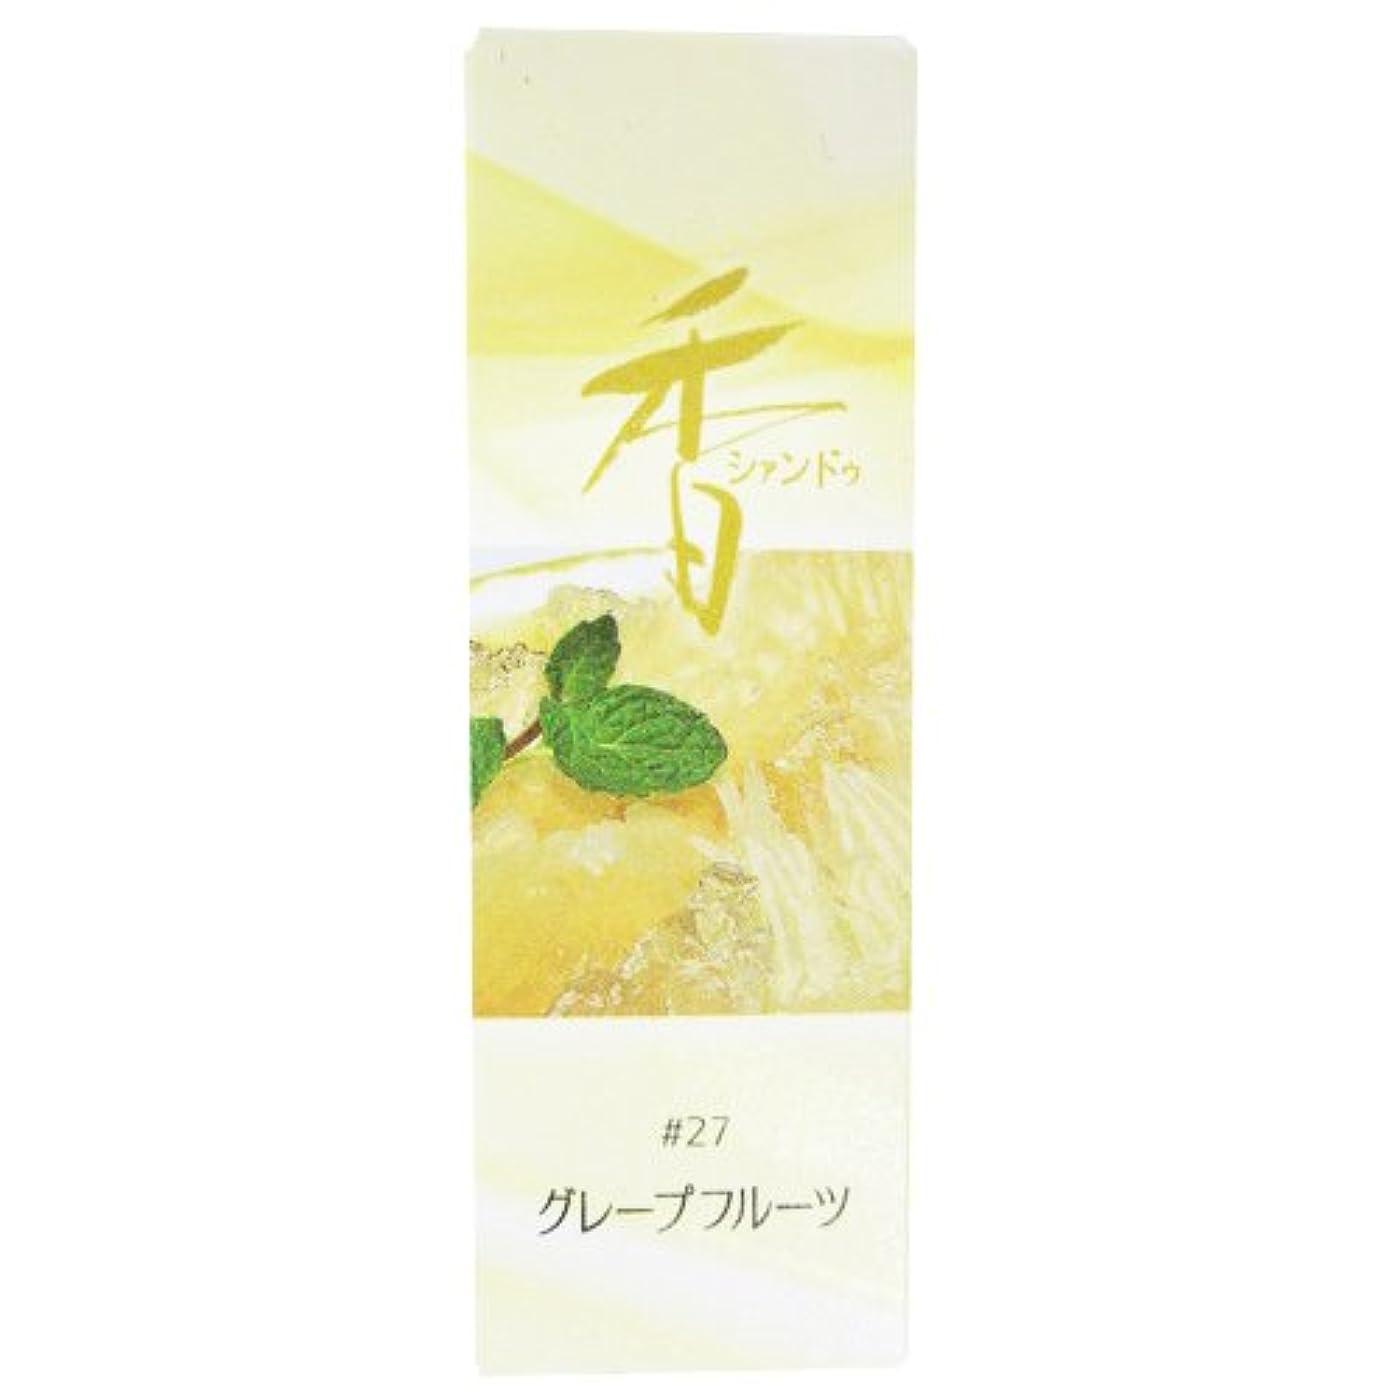 ワインアイデアエゴイズム松栄堂のお香 Xiang Do(シャンドゥ) グレープフルーツ ST20本入 簡易香立付 #214227